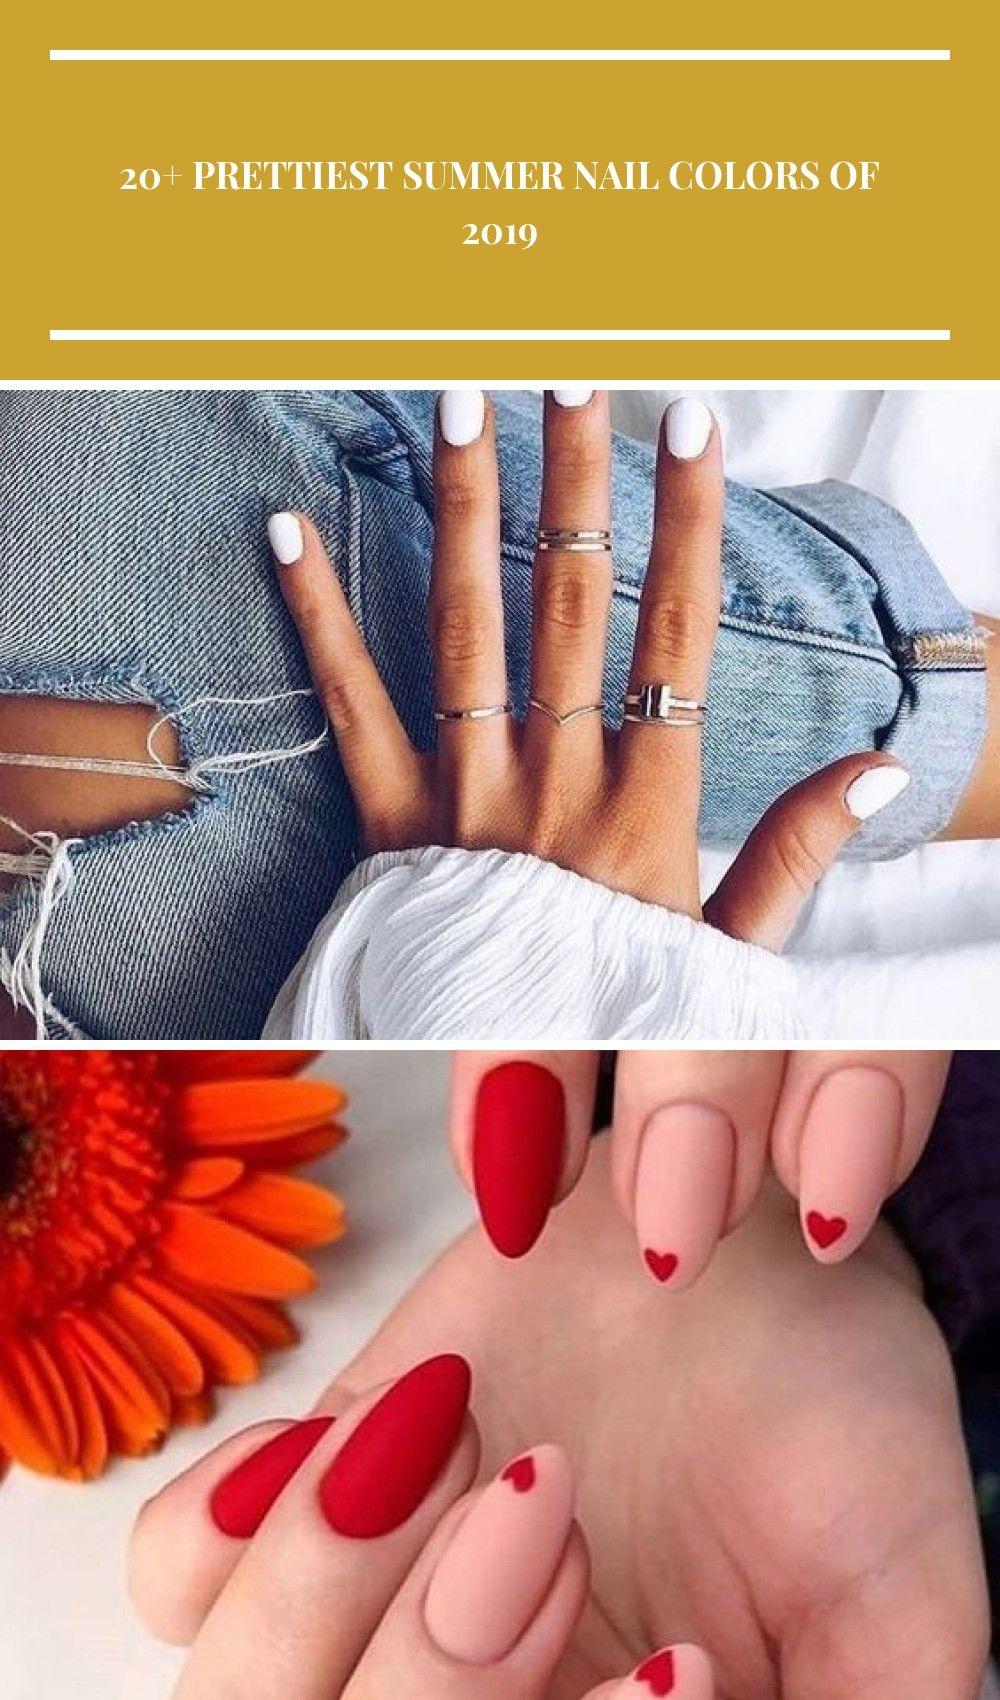 Zomer nagels | zomer nagel kleuren | zomer nagels diy | zomernagels eenvoudig | …